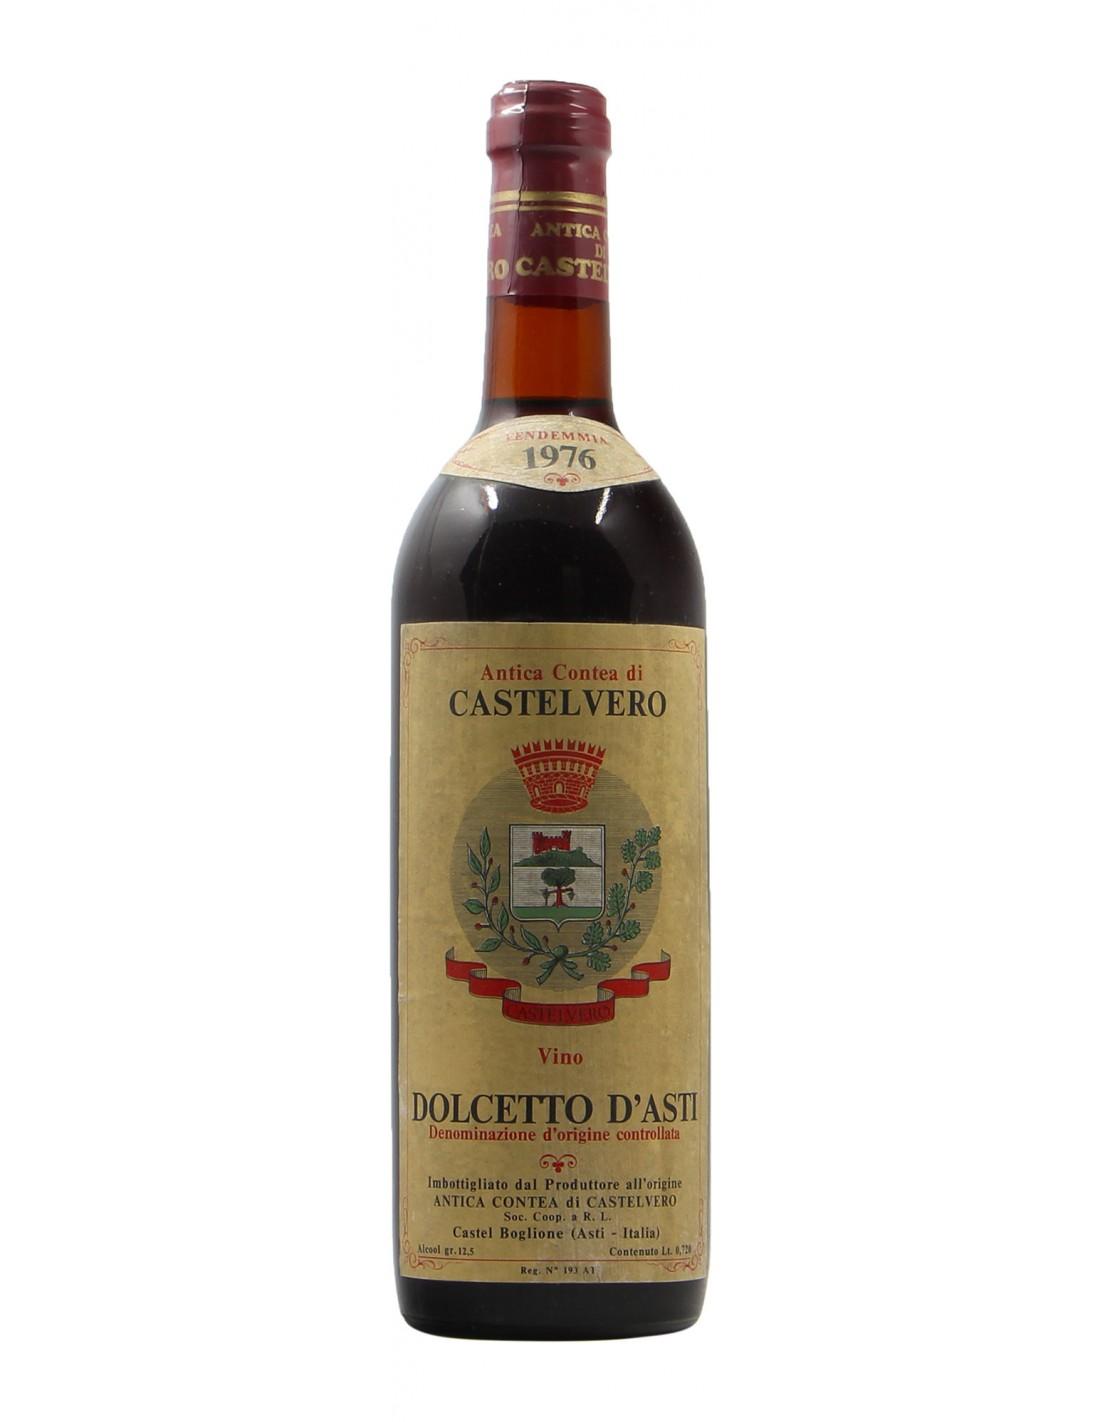 DOLCETTO D'ASTI 1976 ANTICA CONTEA DI CASTELVERO GRANDI